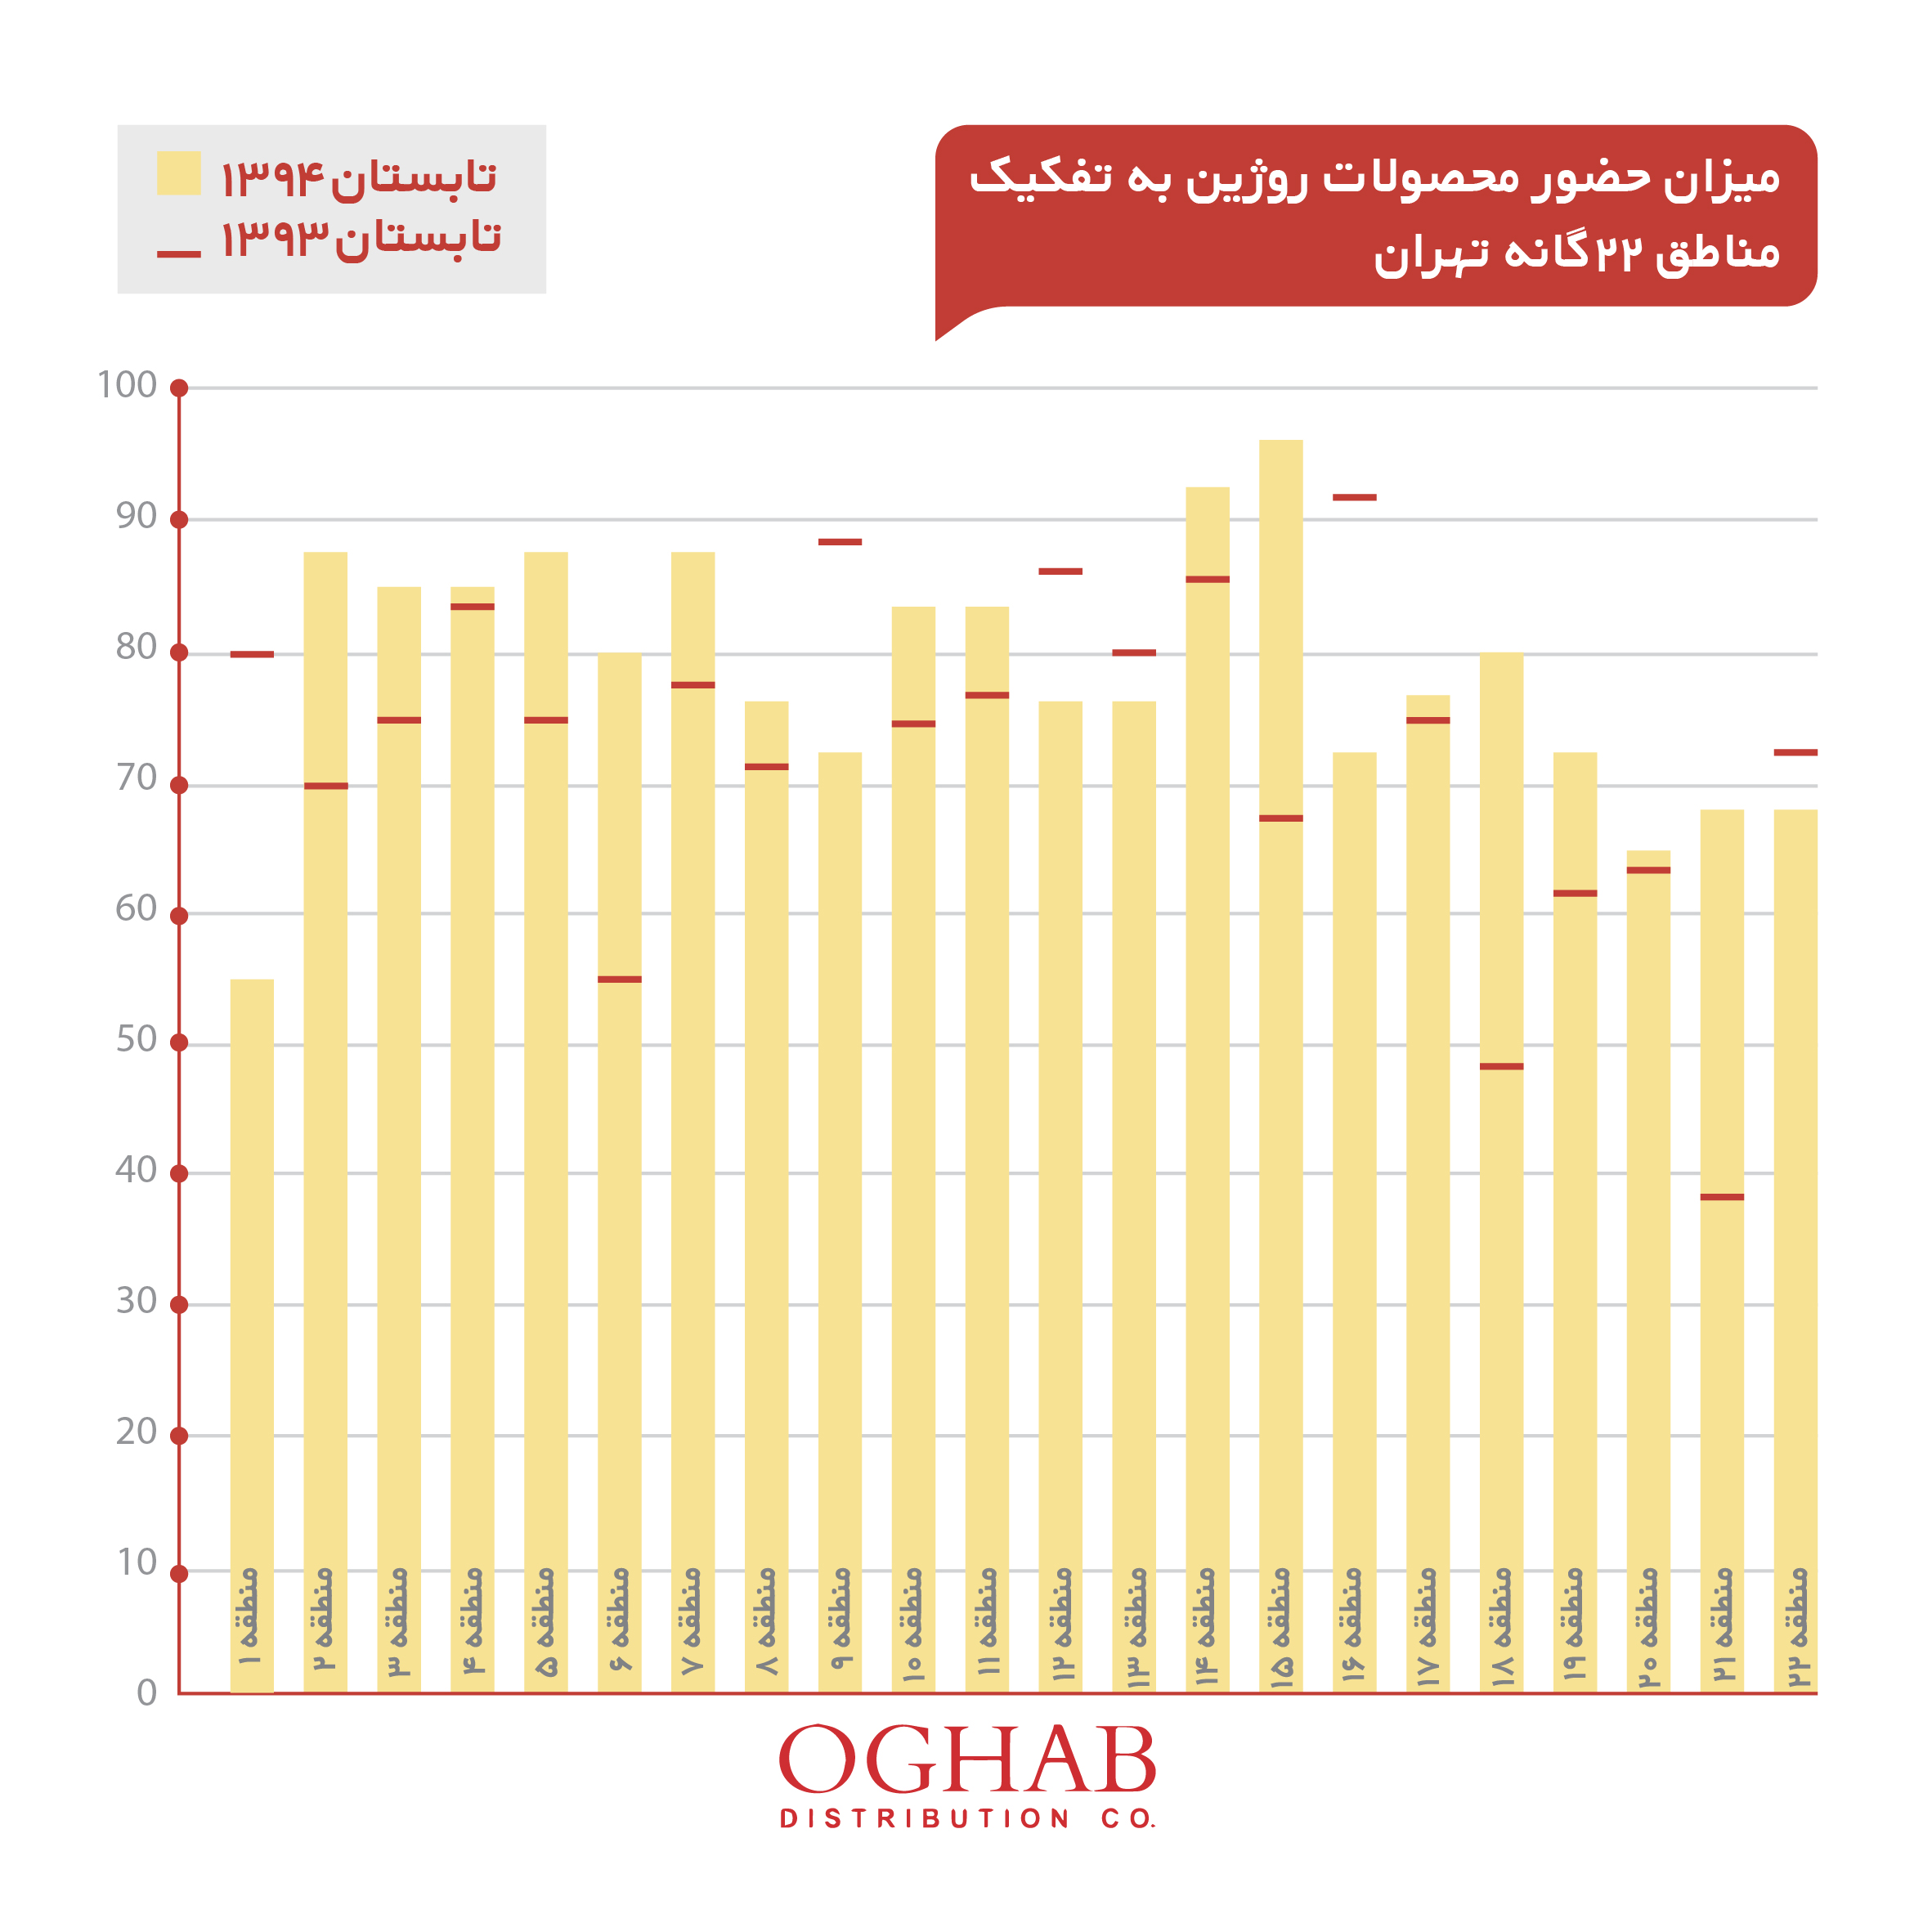 نمودار میزان حضور محصولات روژین در مناطق 22 گانه